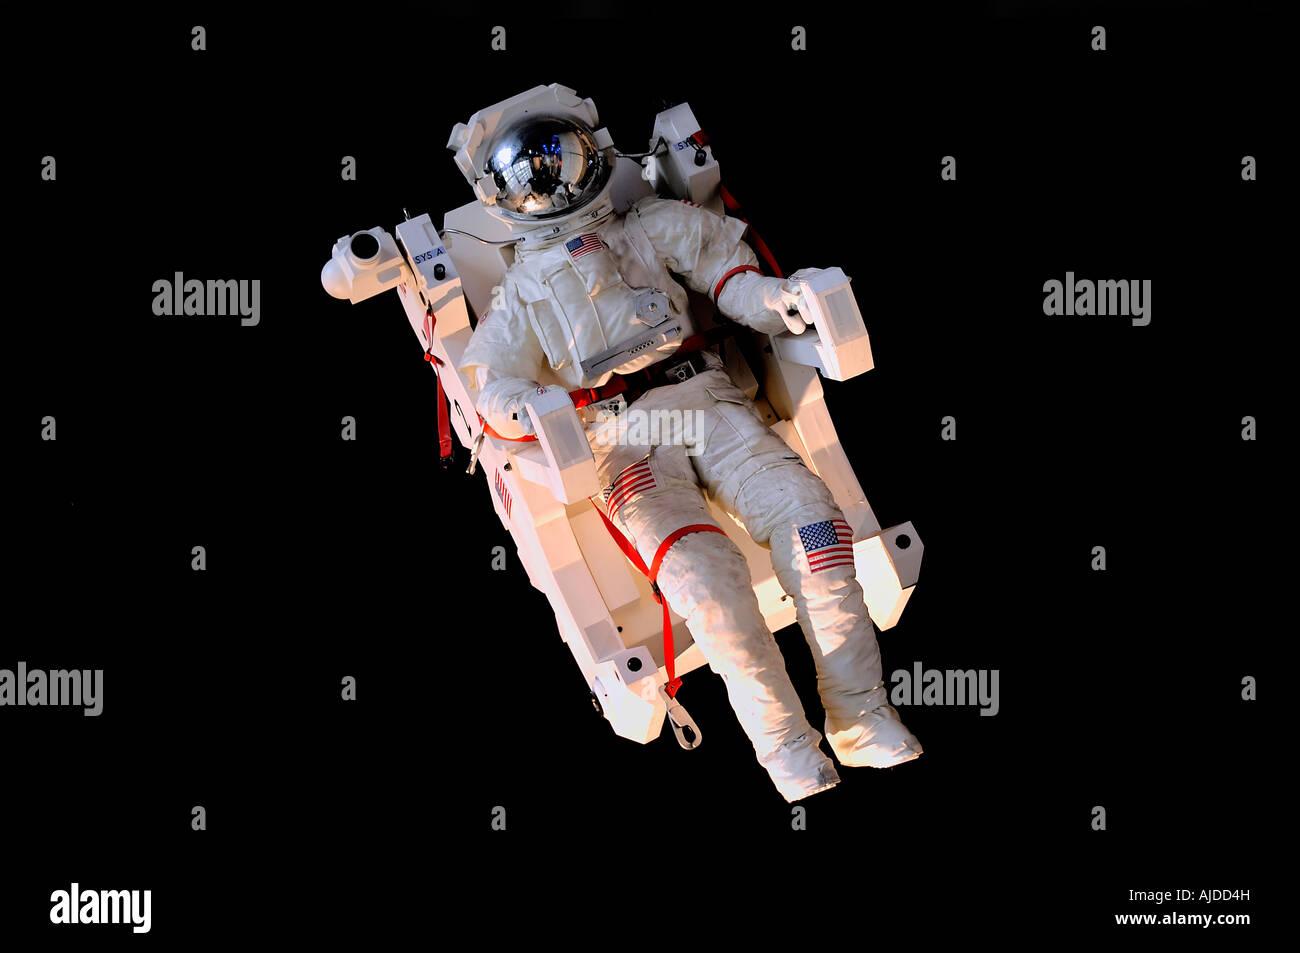 Simulated astronaut in space at The Cite des Sciences at de l'Industrie at La Villette Park in Paris, France Stock Photo